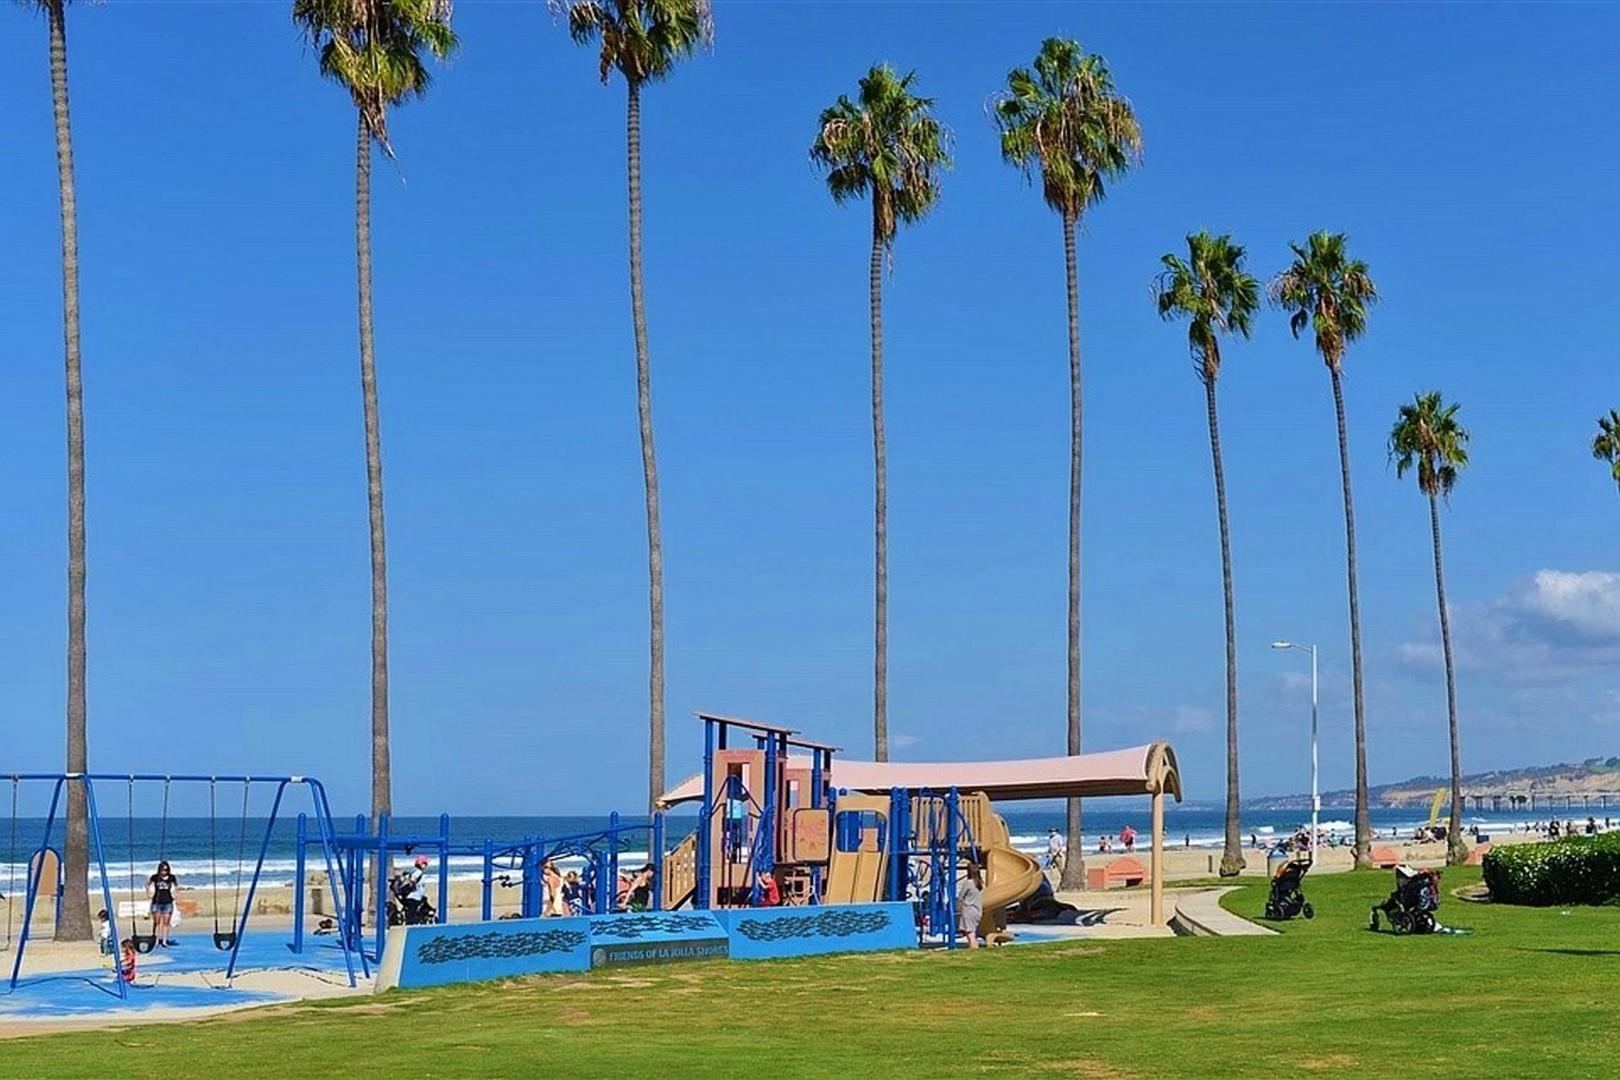 Kellogg park at La Jolla Shores